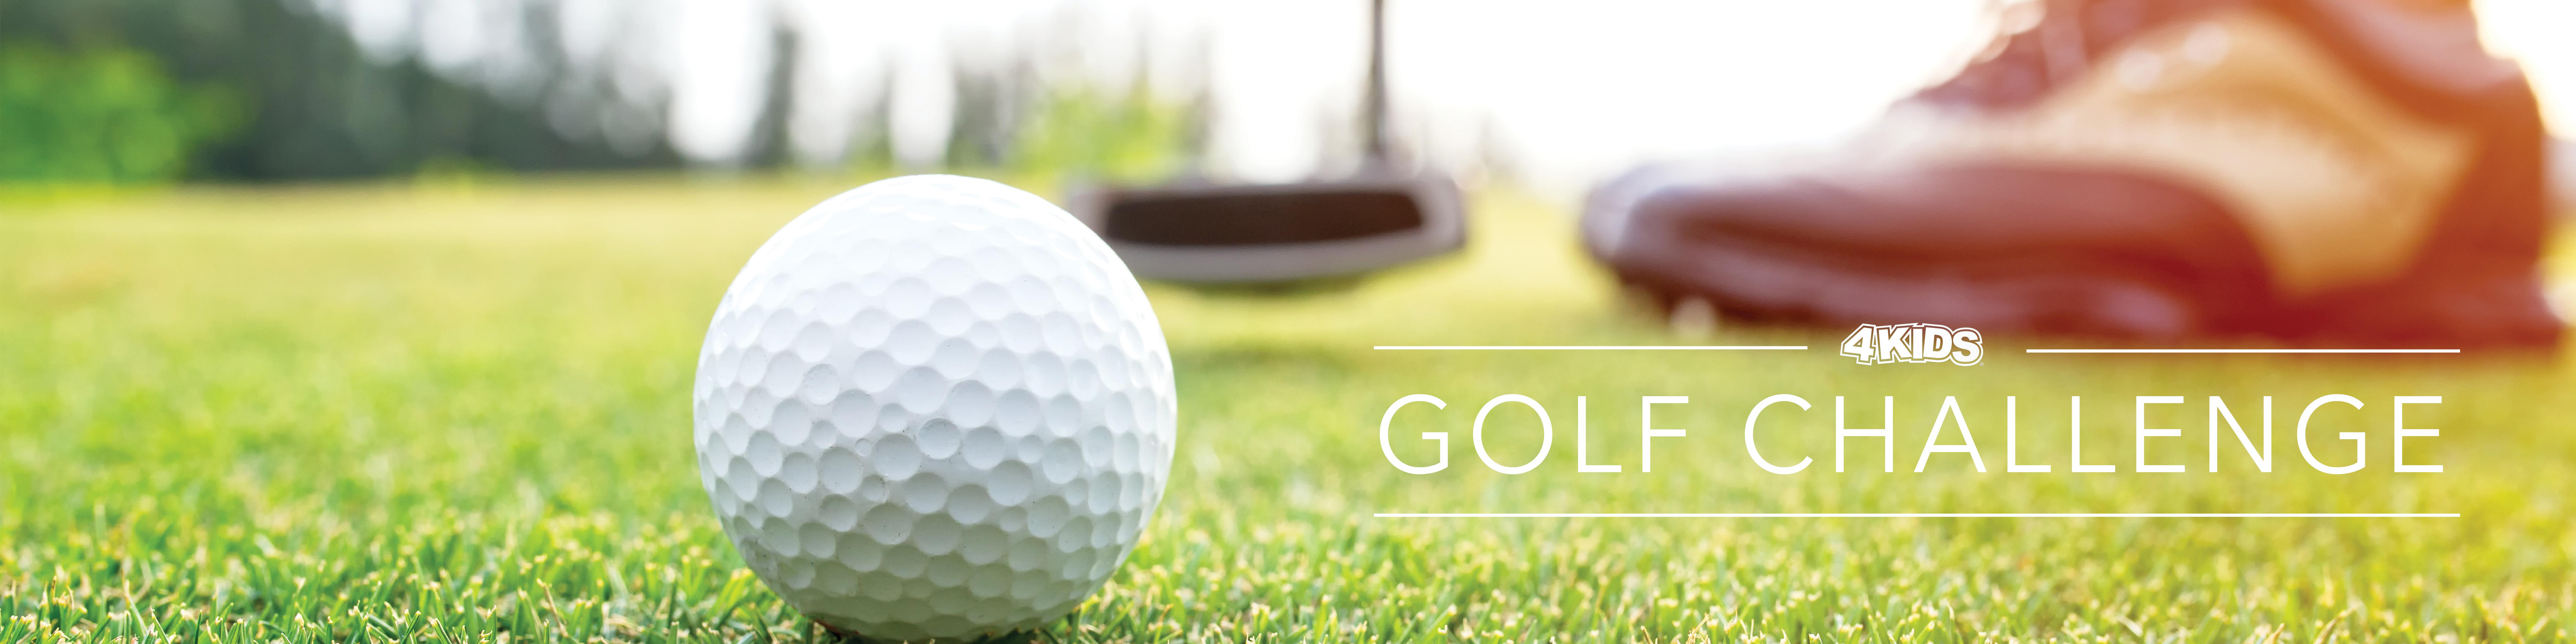 4KIDS 2019 Golf Challenge